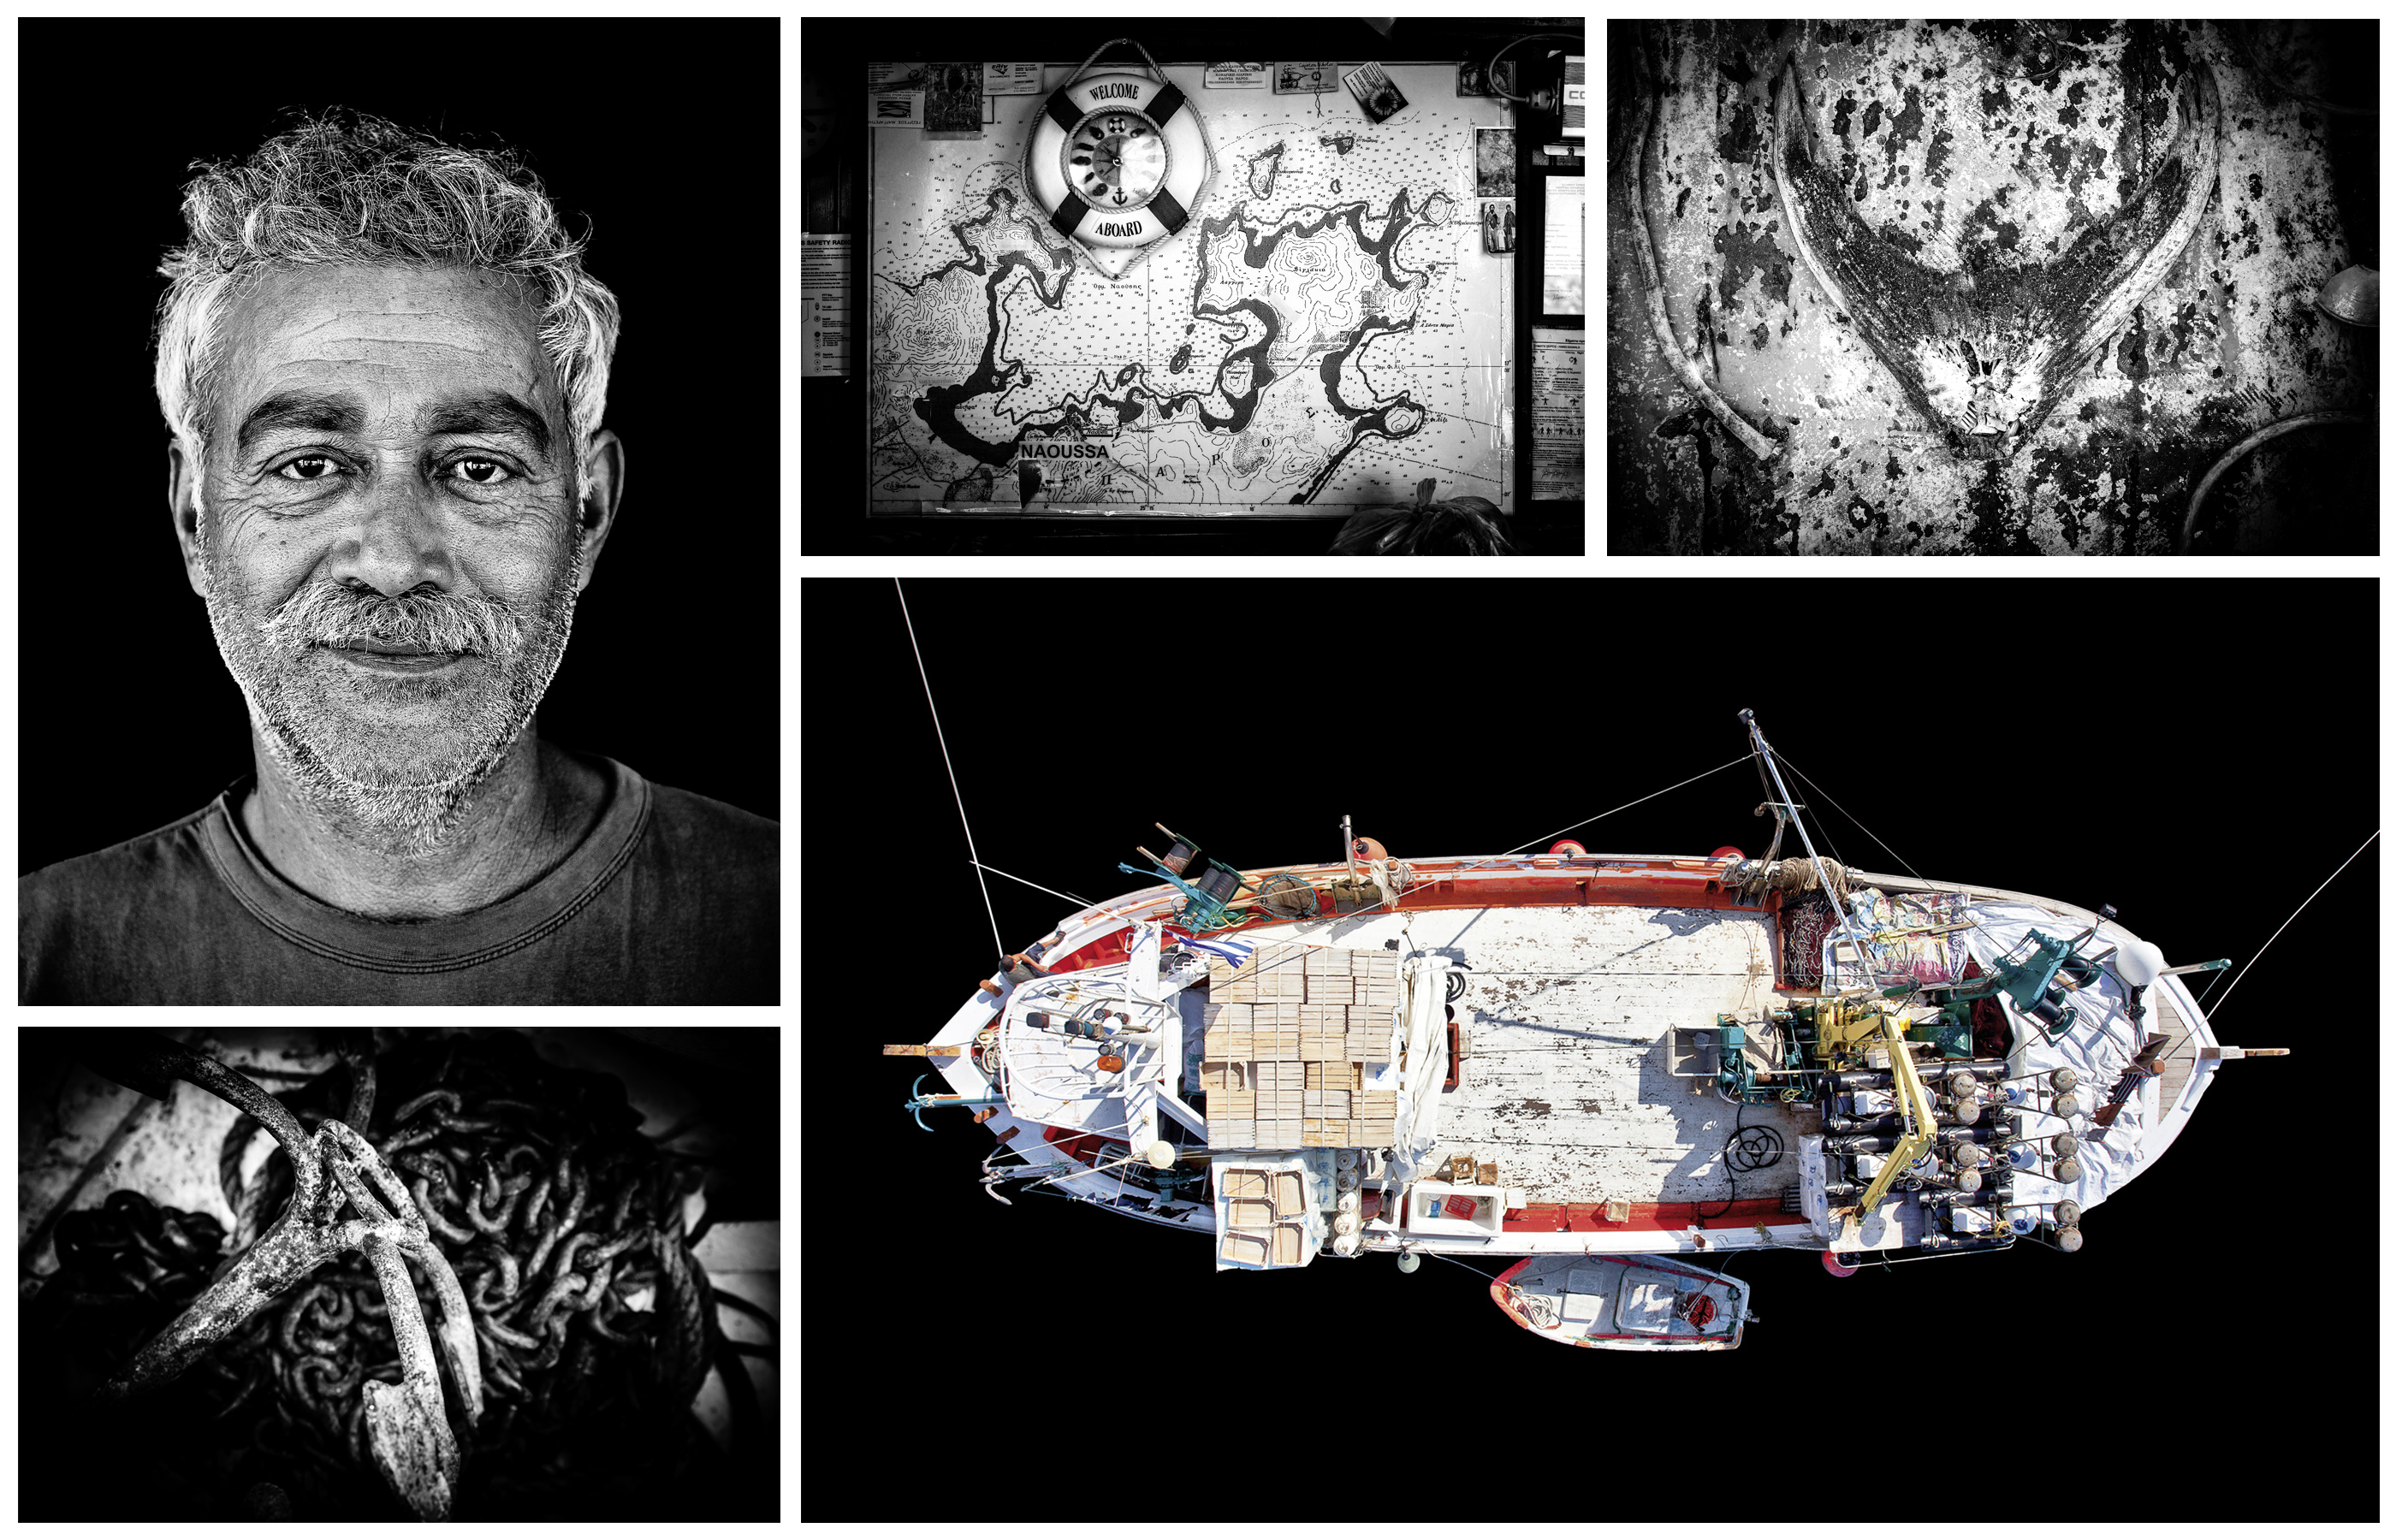 Name: Panayiotis Visadakis. Born: 1953. Boat Name: Ypapanti. Location: Naoussa/Paros.